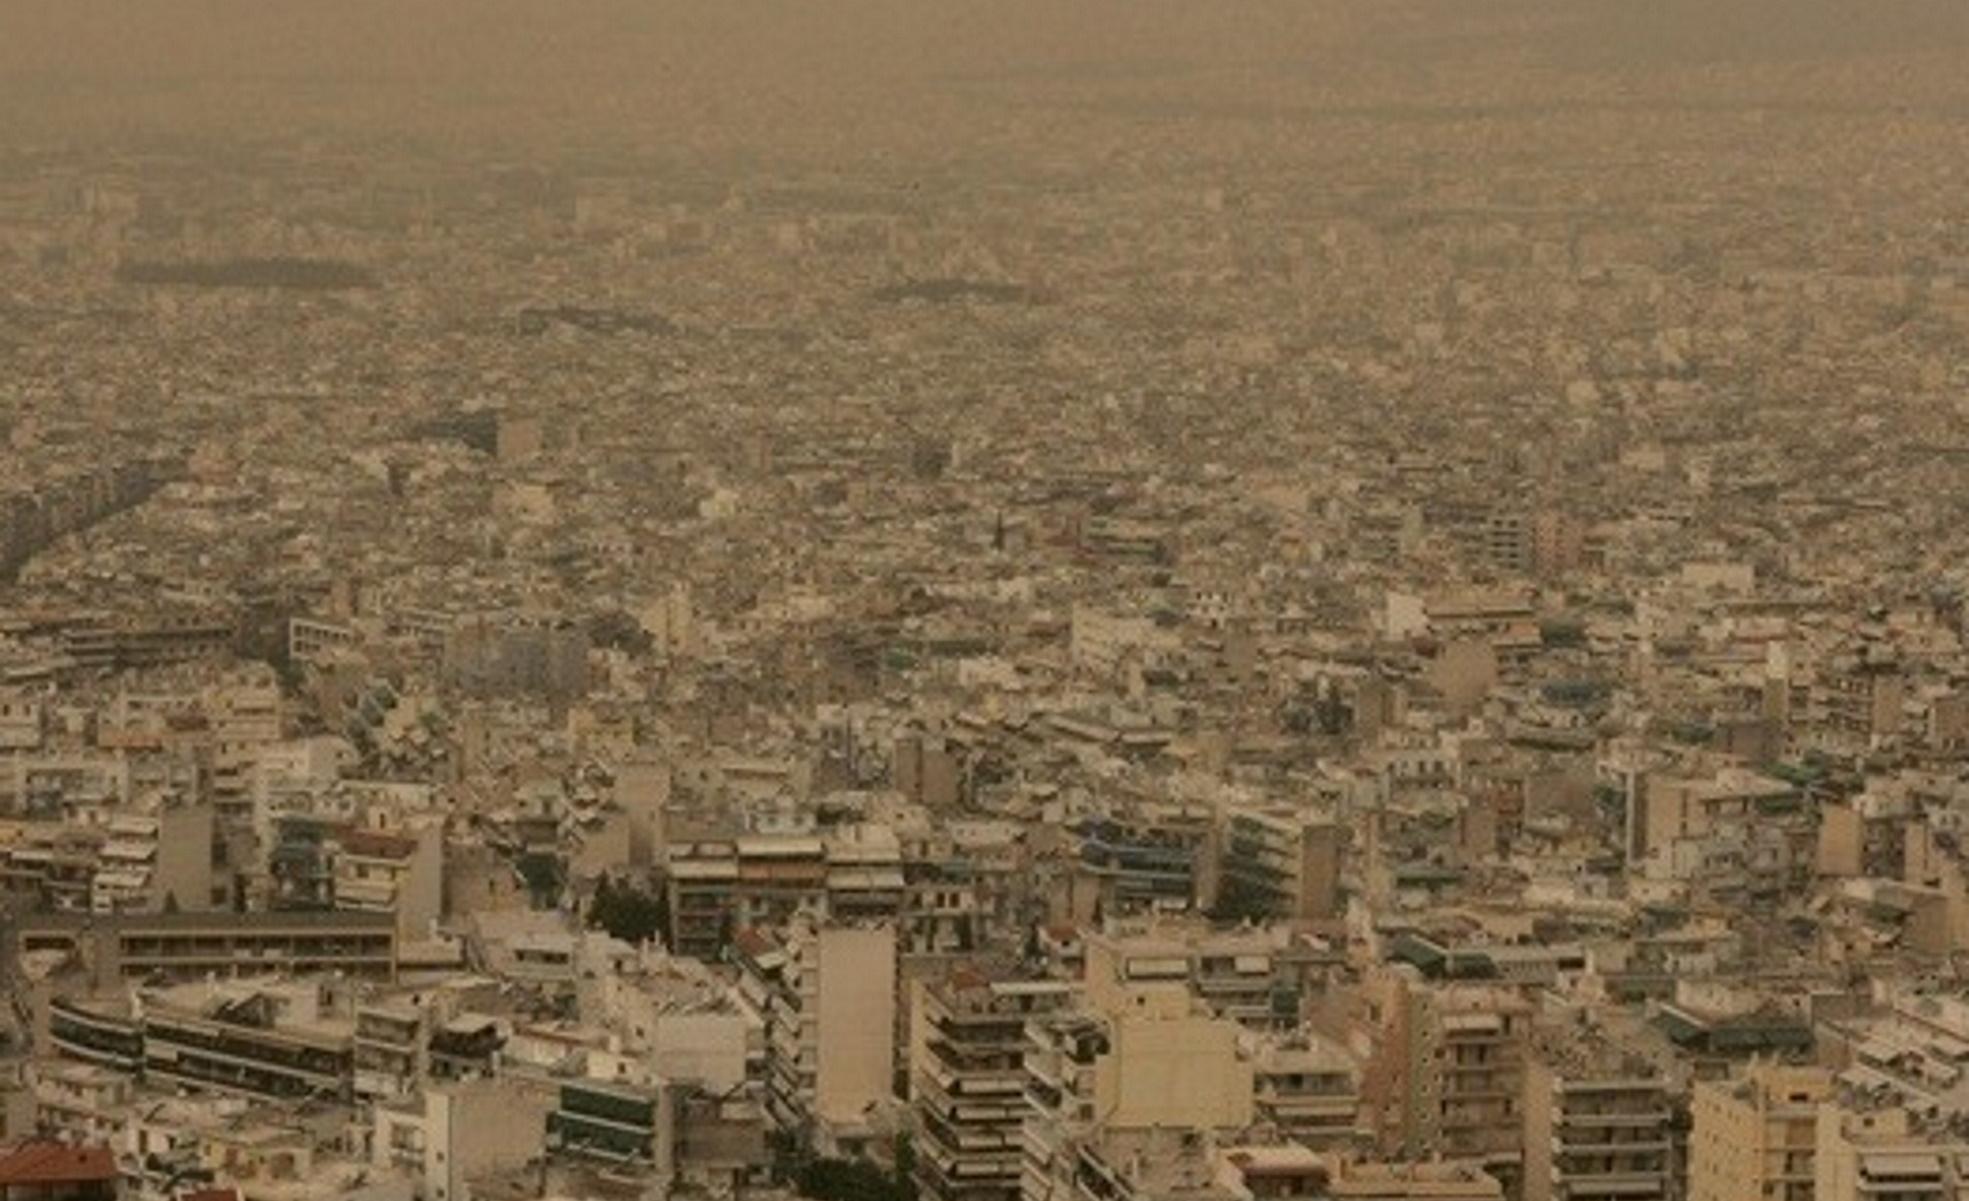 Καιρός meteo: Καλοκαιρινό Σάββατο με αφρικανική σκόνη